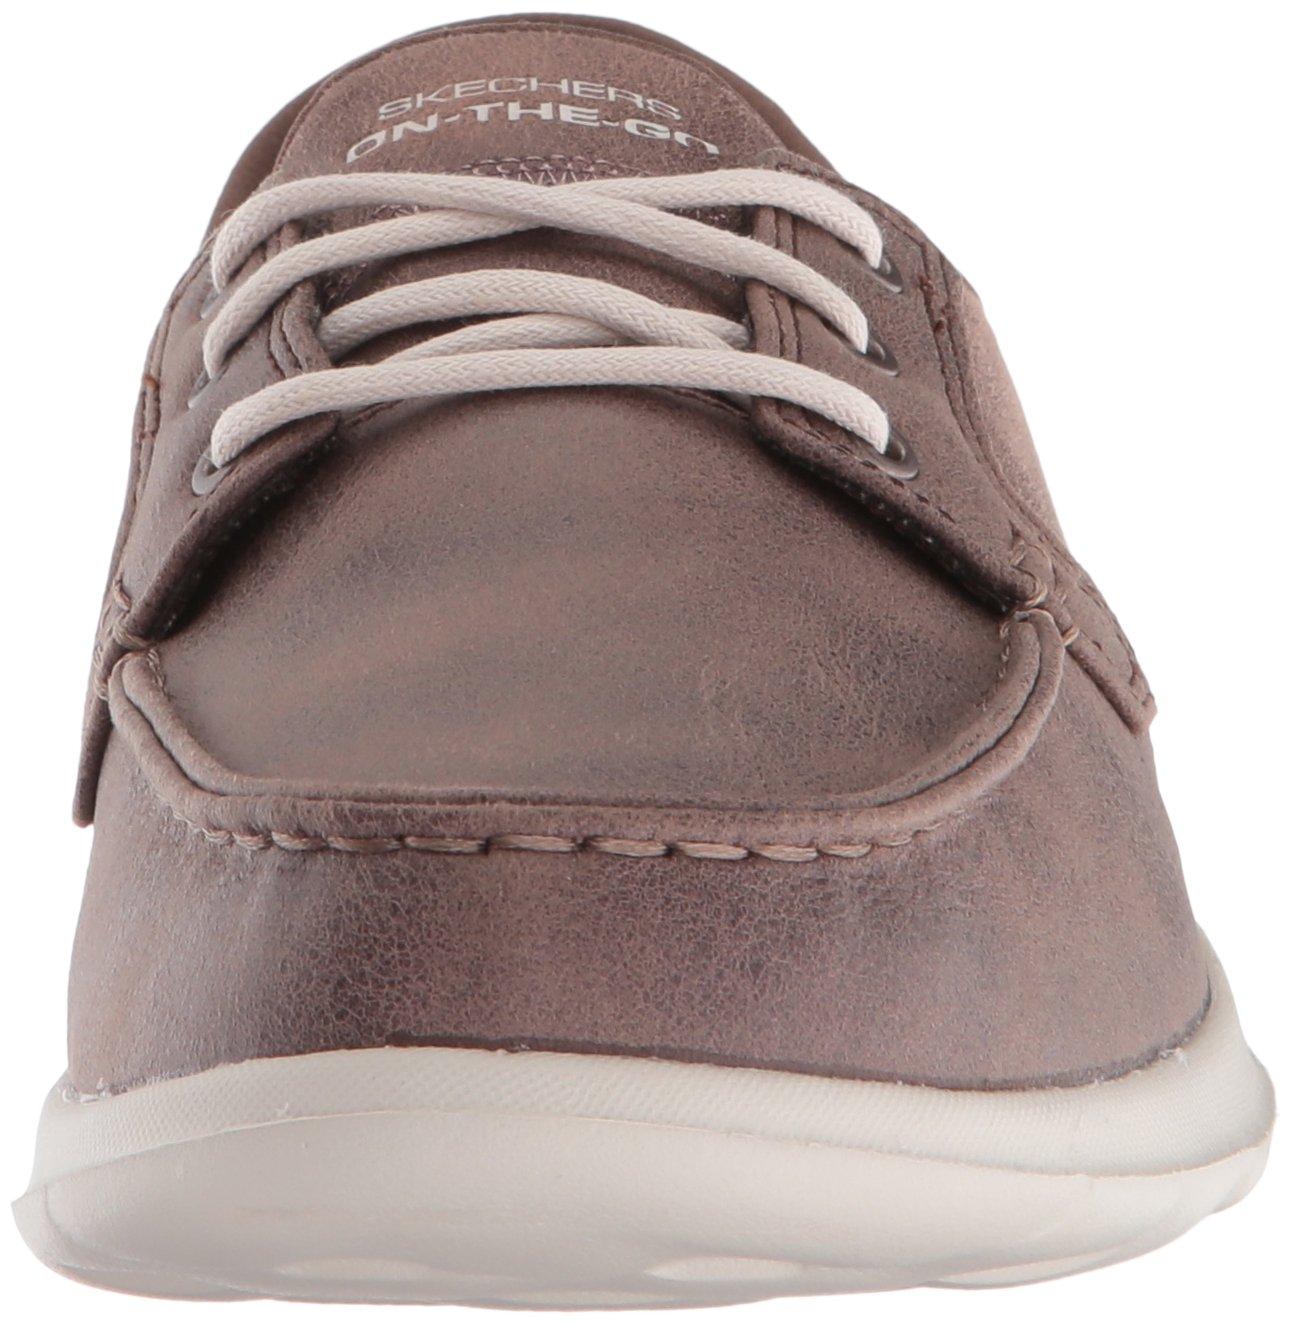 Skechers Women's Go 7 Walk Lite Boat Shoe B075Y2P6MD 7 Go B(M) US|Brown 33b819